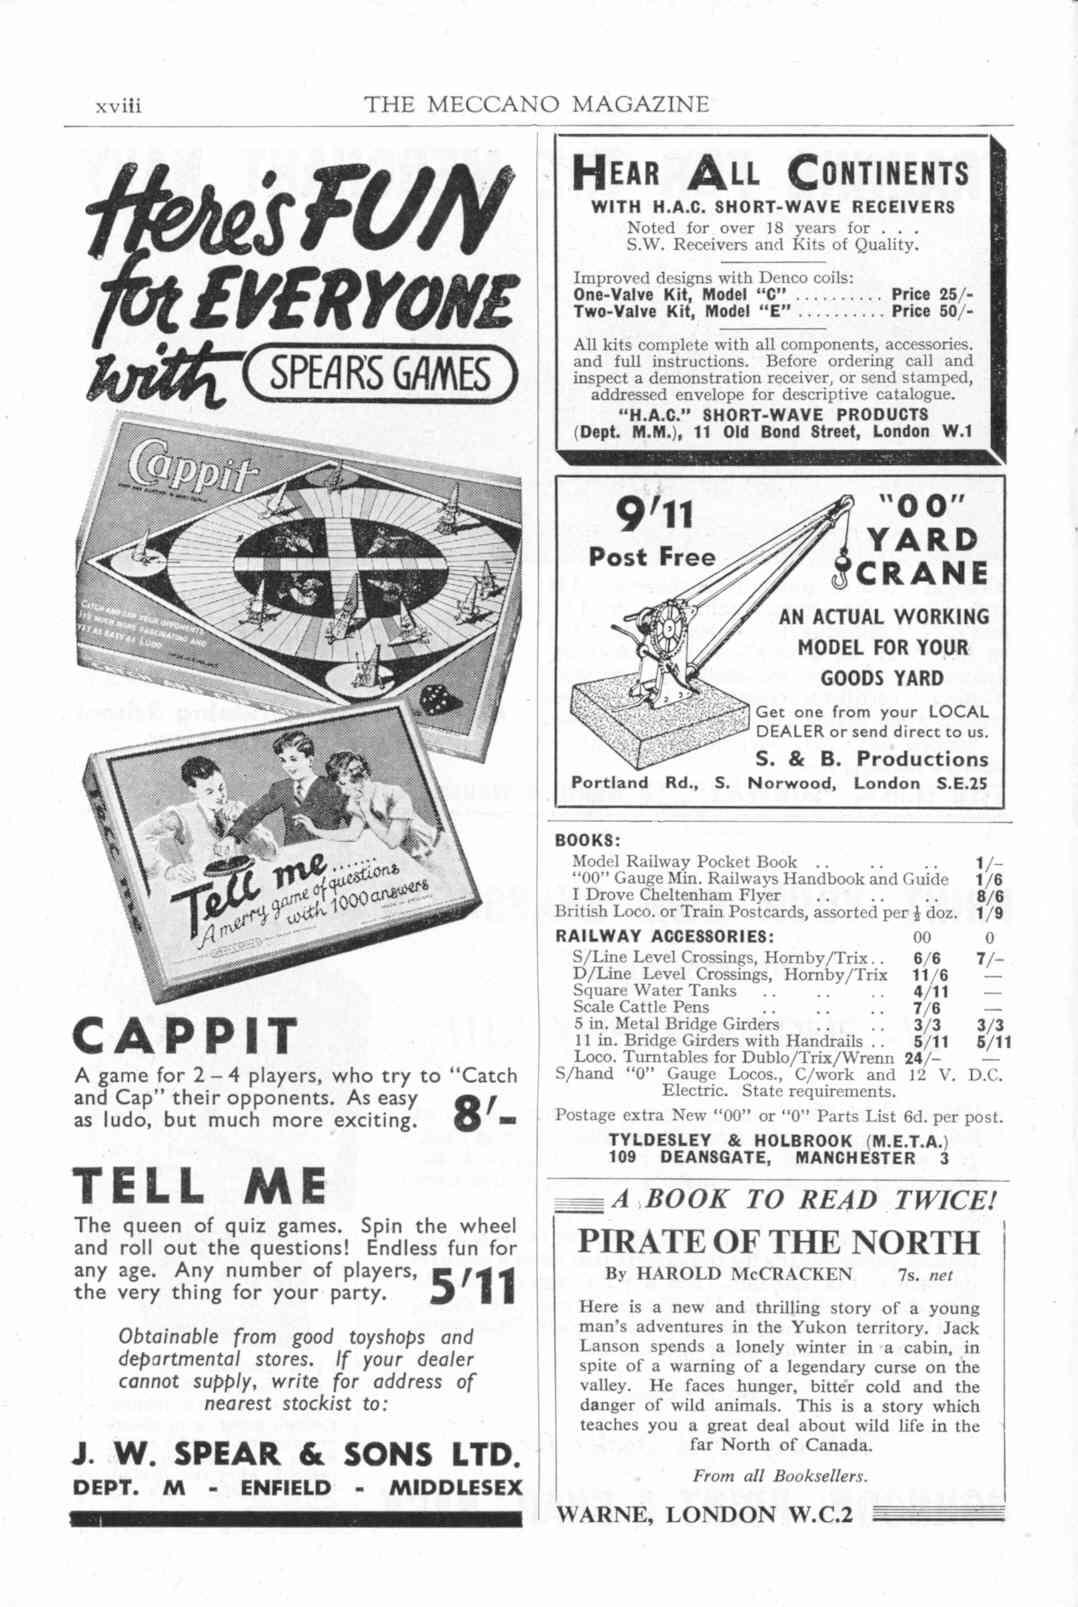 UK Meccano Magazine October 1955 Page xviii